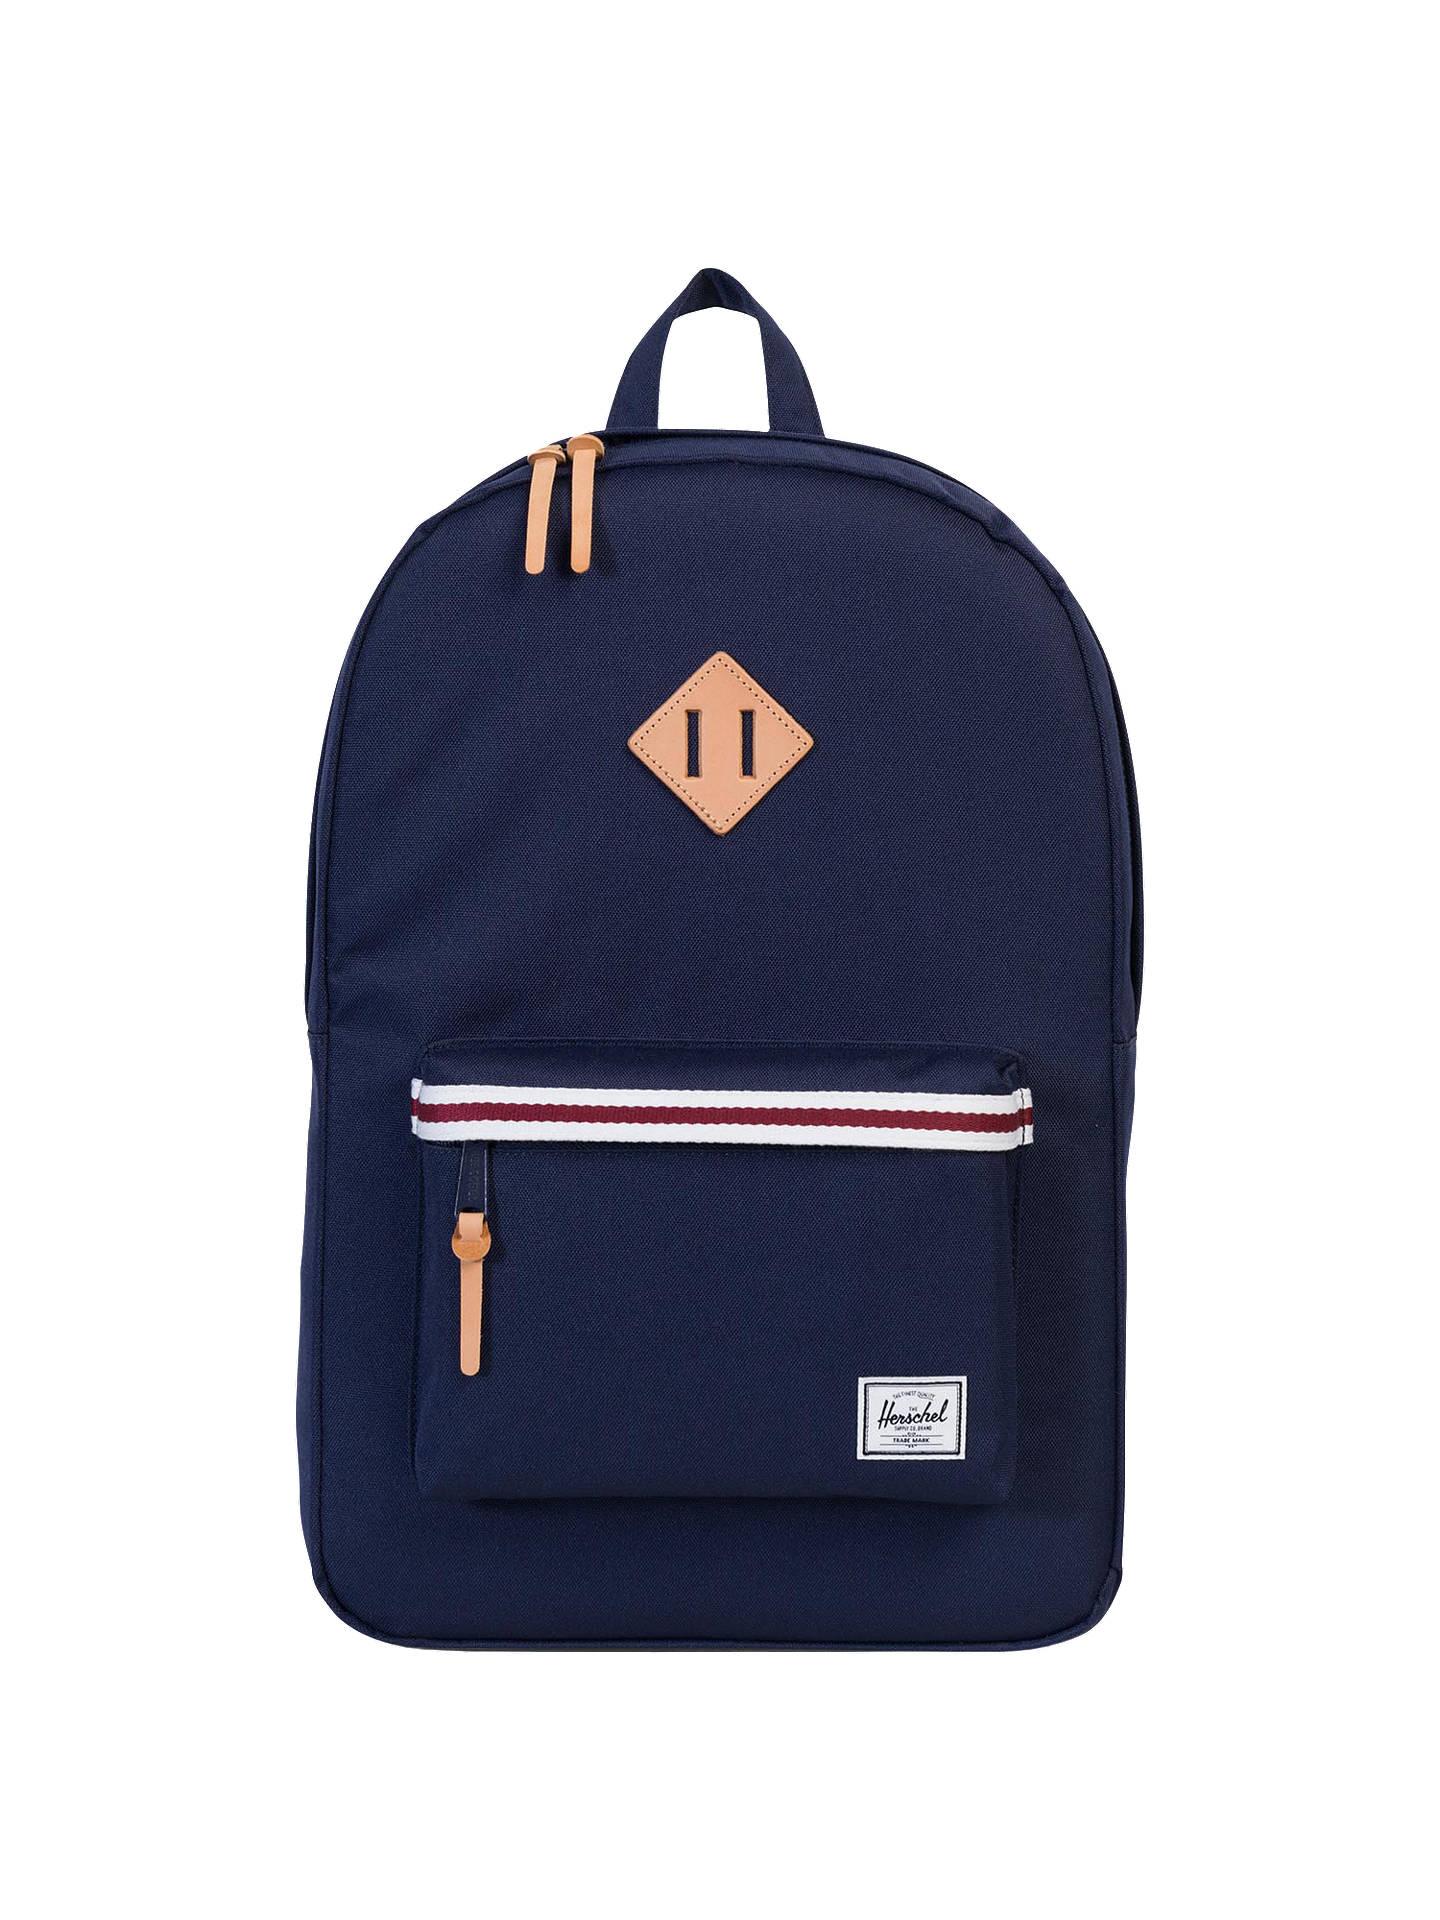 524deba0368 Buy Herschel Supply Co. Offset Heritage Backpack